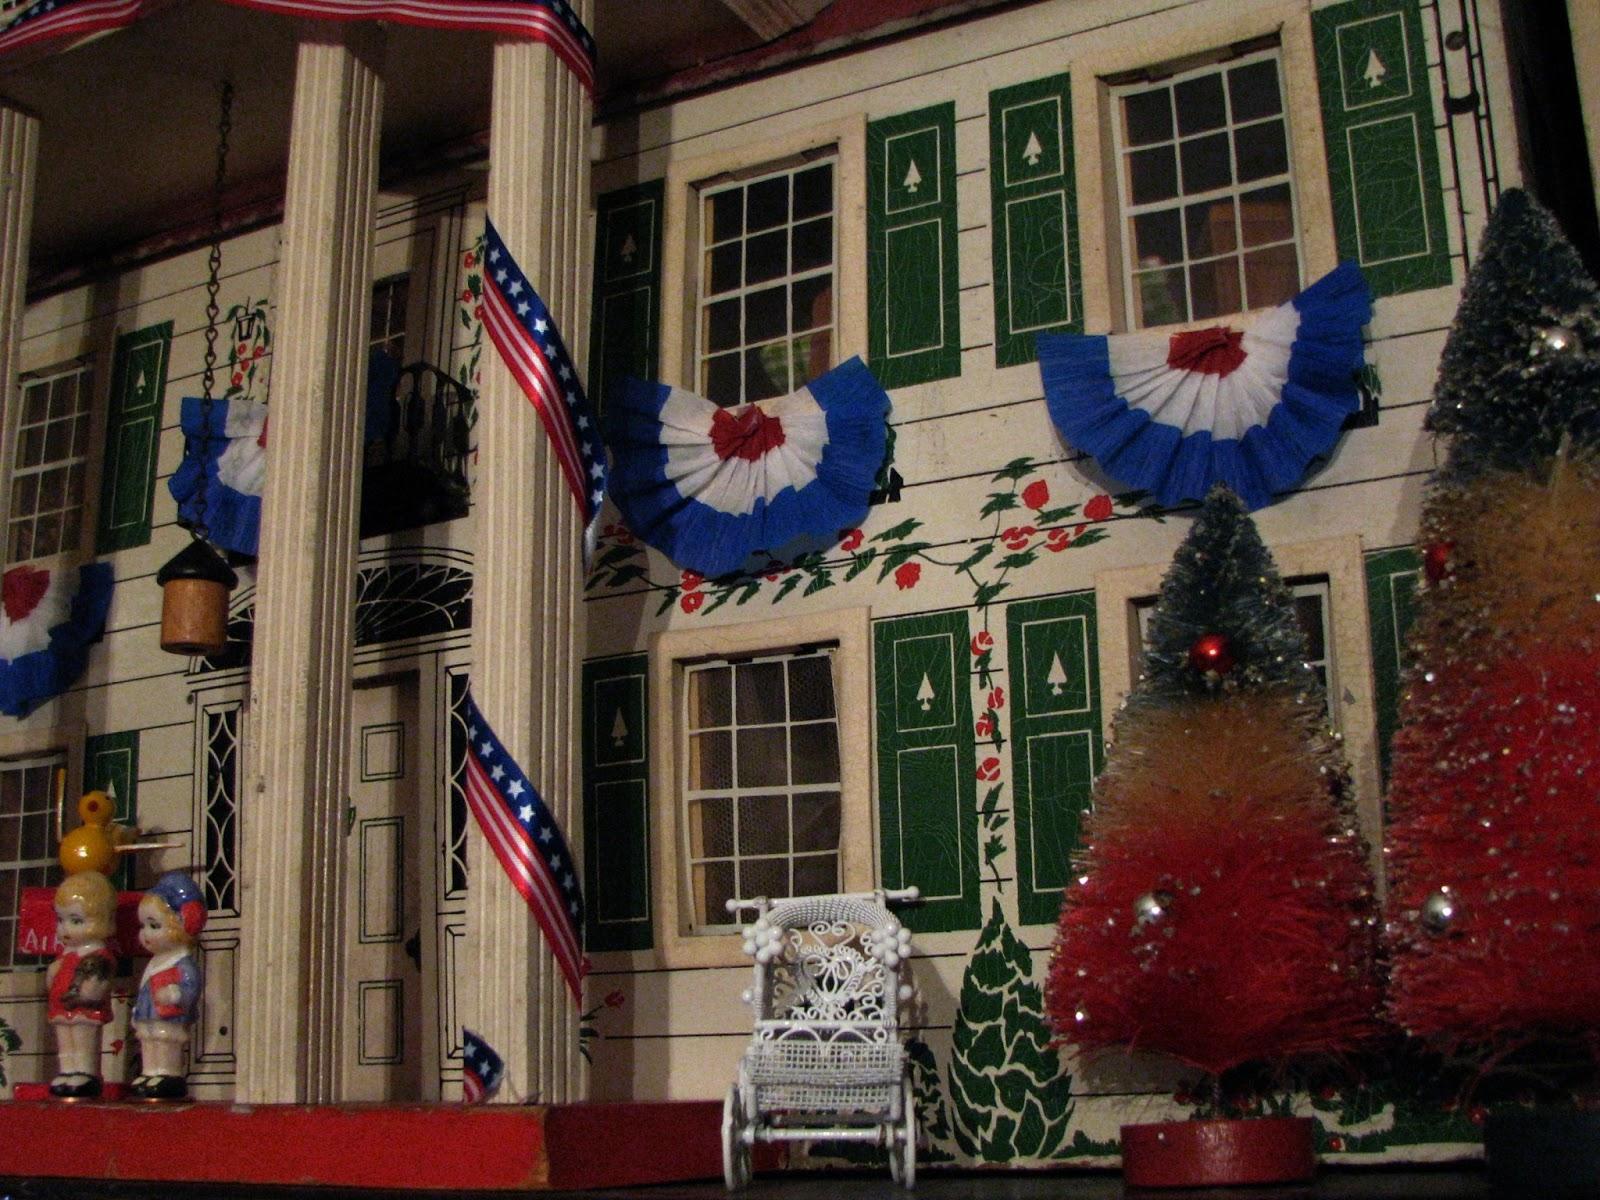 Patriotic decorations